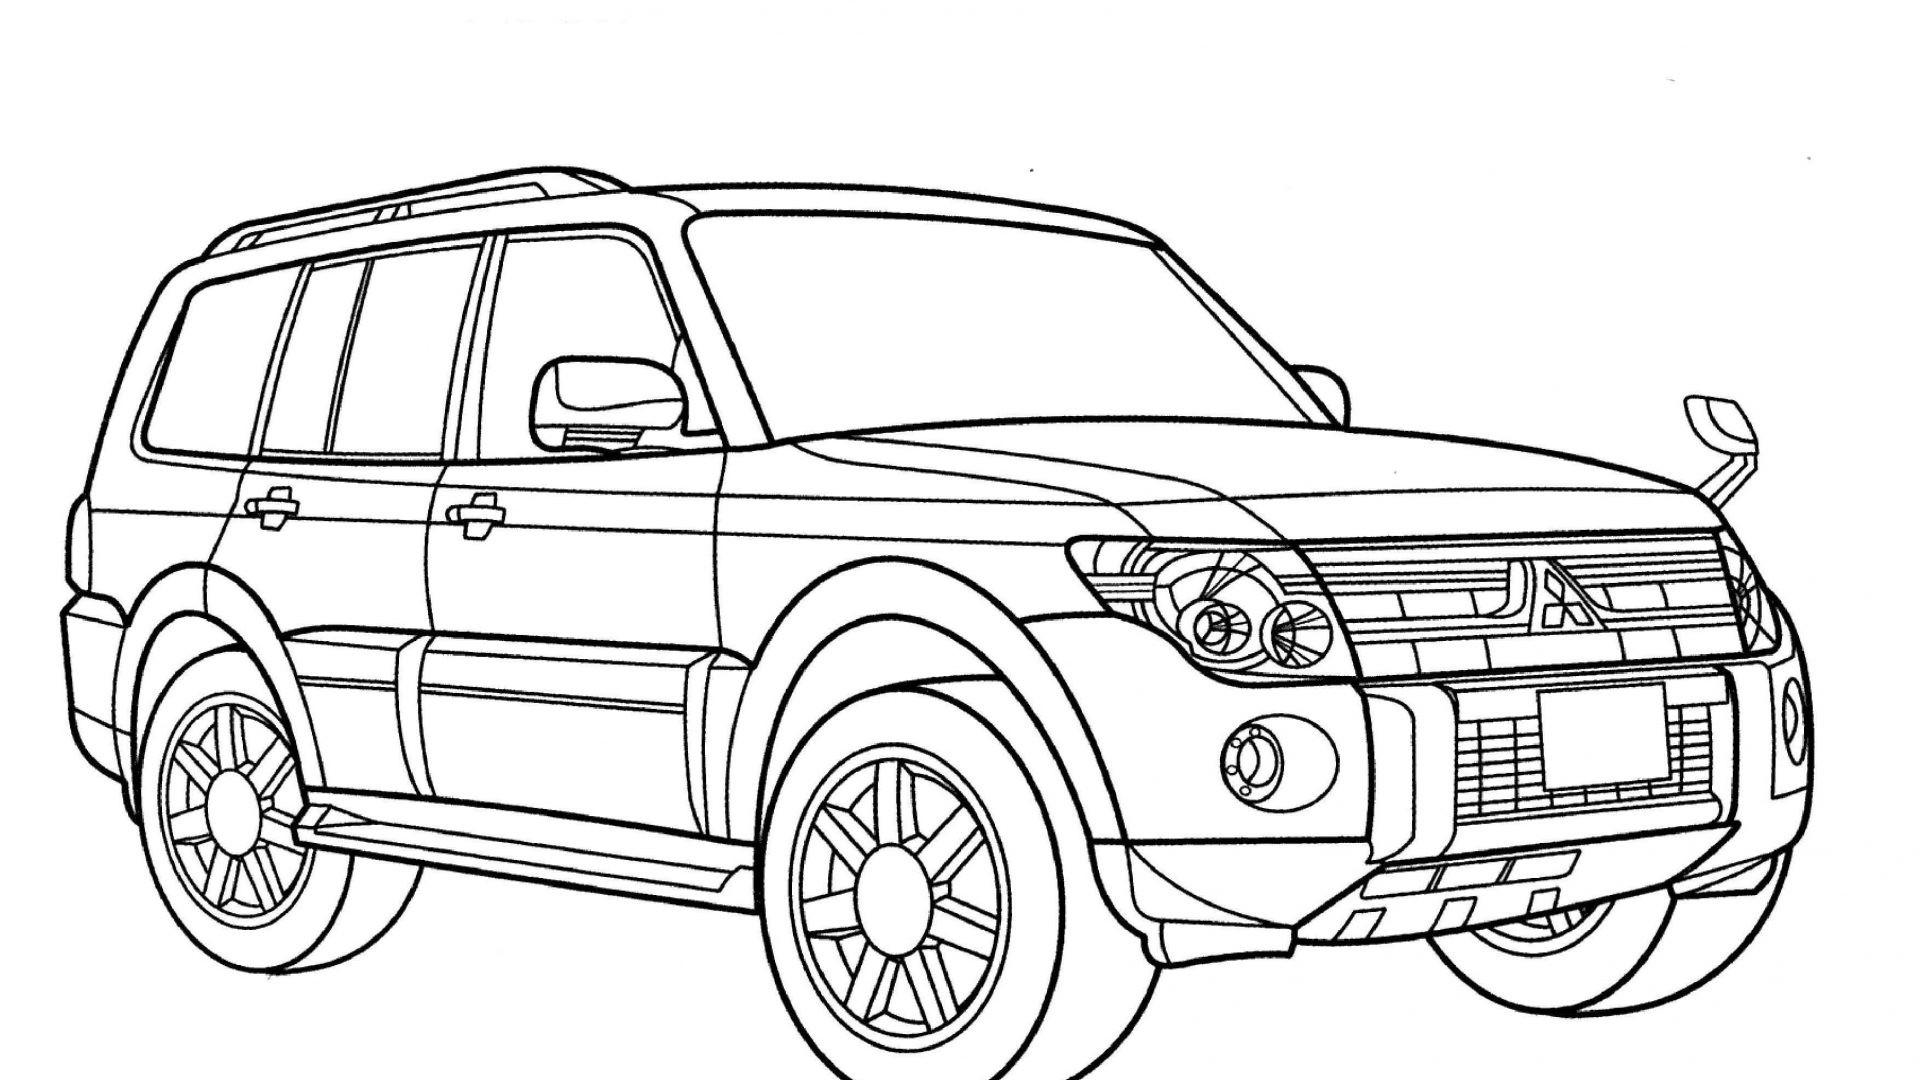 Mitsubishi Eclipse Drawing At Getdrawings